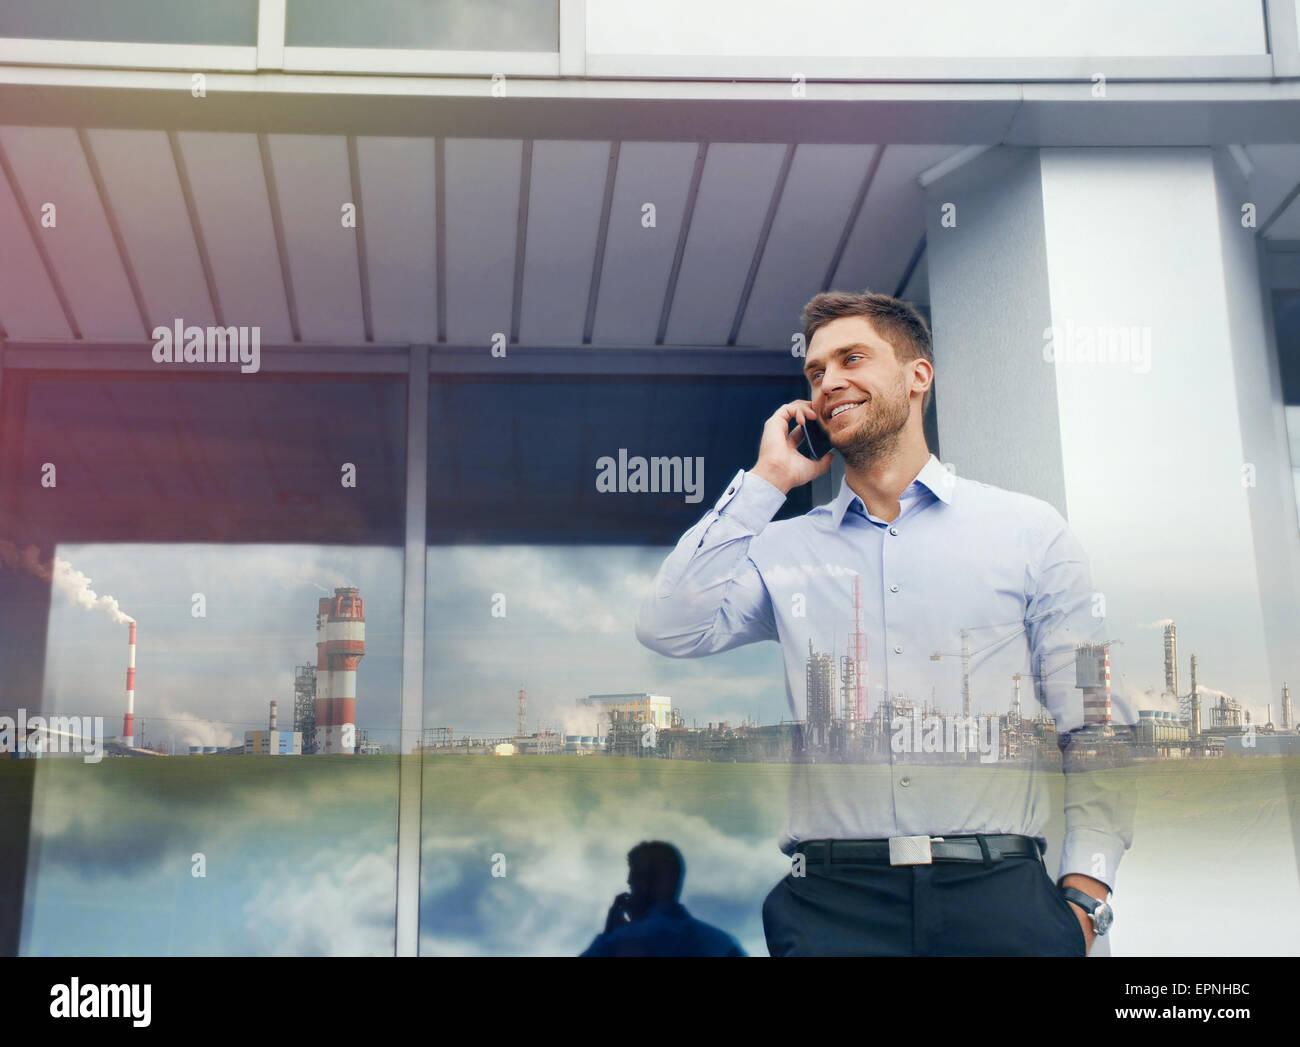 Doppelbelichtung Geschäftsmann mit Phone-Gerät und Industrieunternehmen auf städtebauliche Hintergrund Stockbild